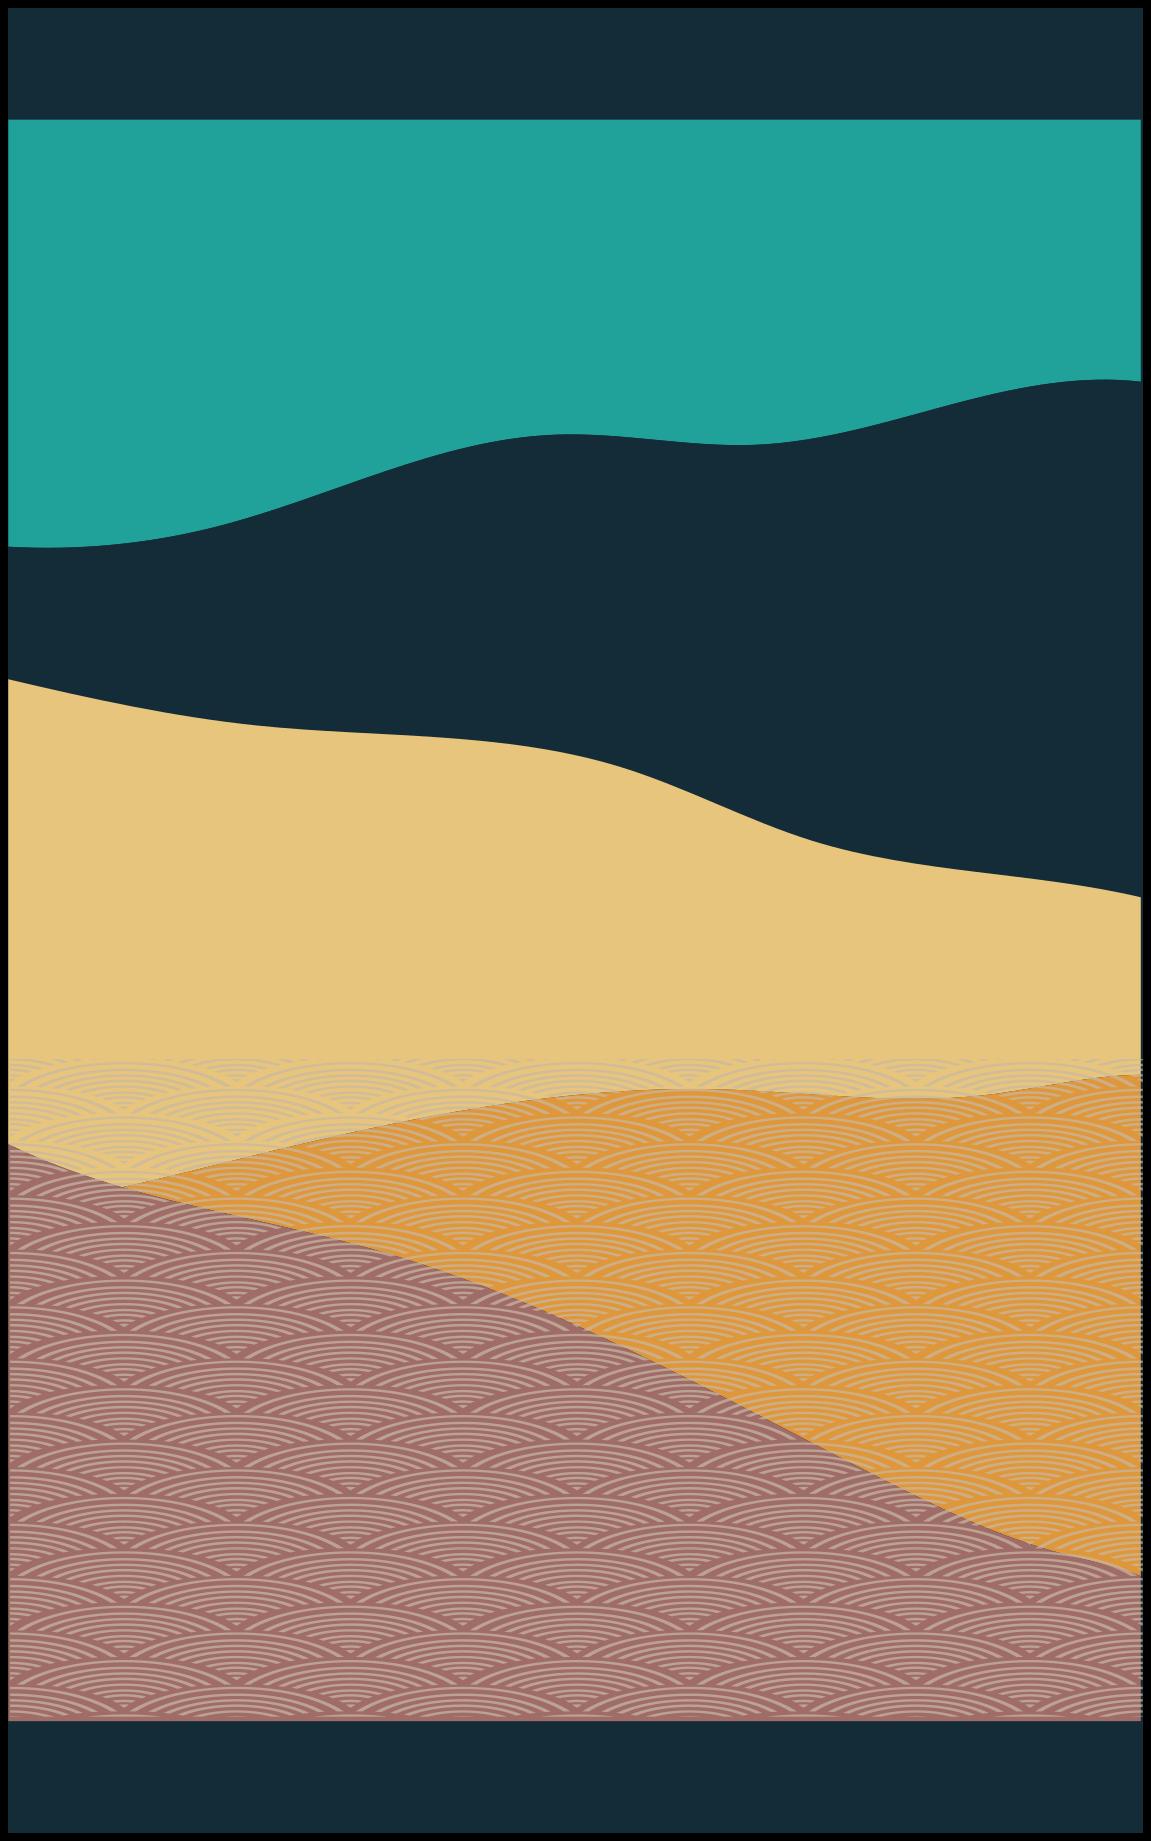 TenStickers. Tapetes de montanha contemporâneos abstratos. Tapete de vinil de montanha super abstrato em ótimo estado para a área de entrada e outros interiores de uma casa. Um tapete de vinil incrível que você compra.